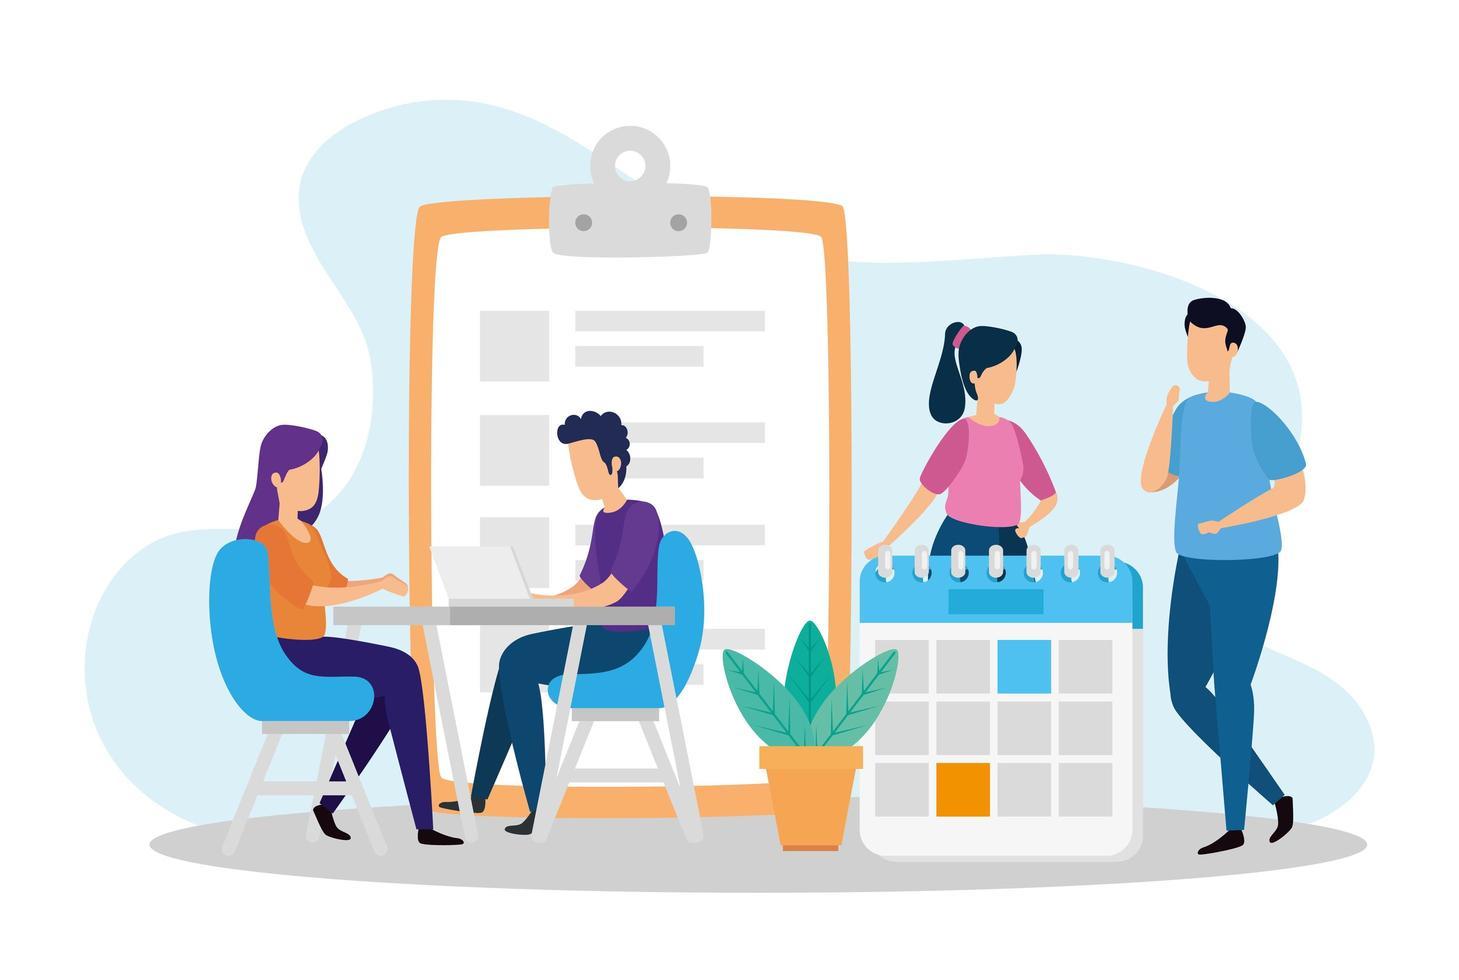 coworking scener med människor och ikoner vektor